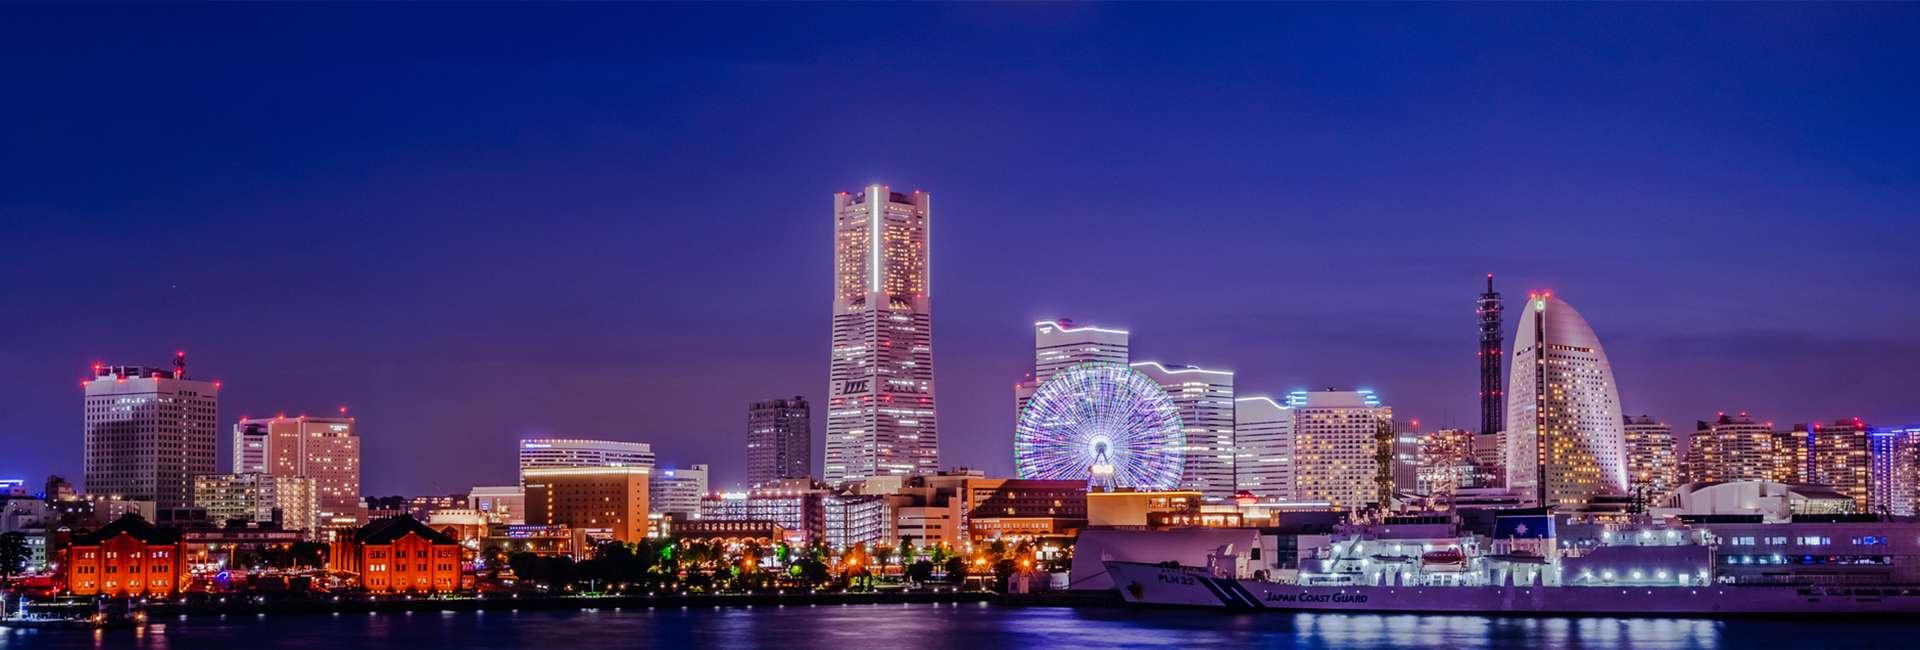 Minato Mirai à Yokohama